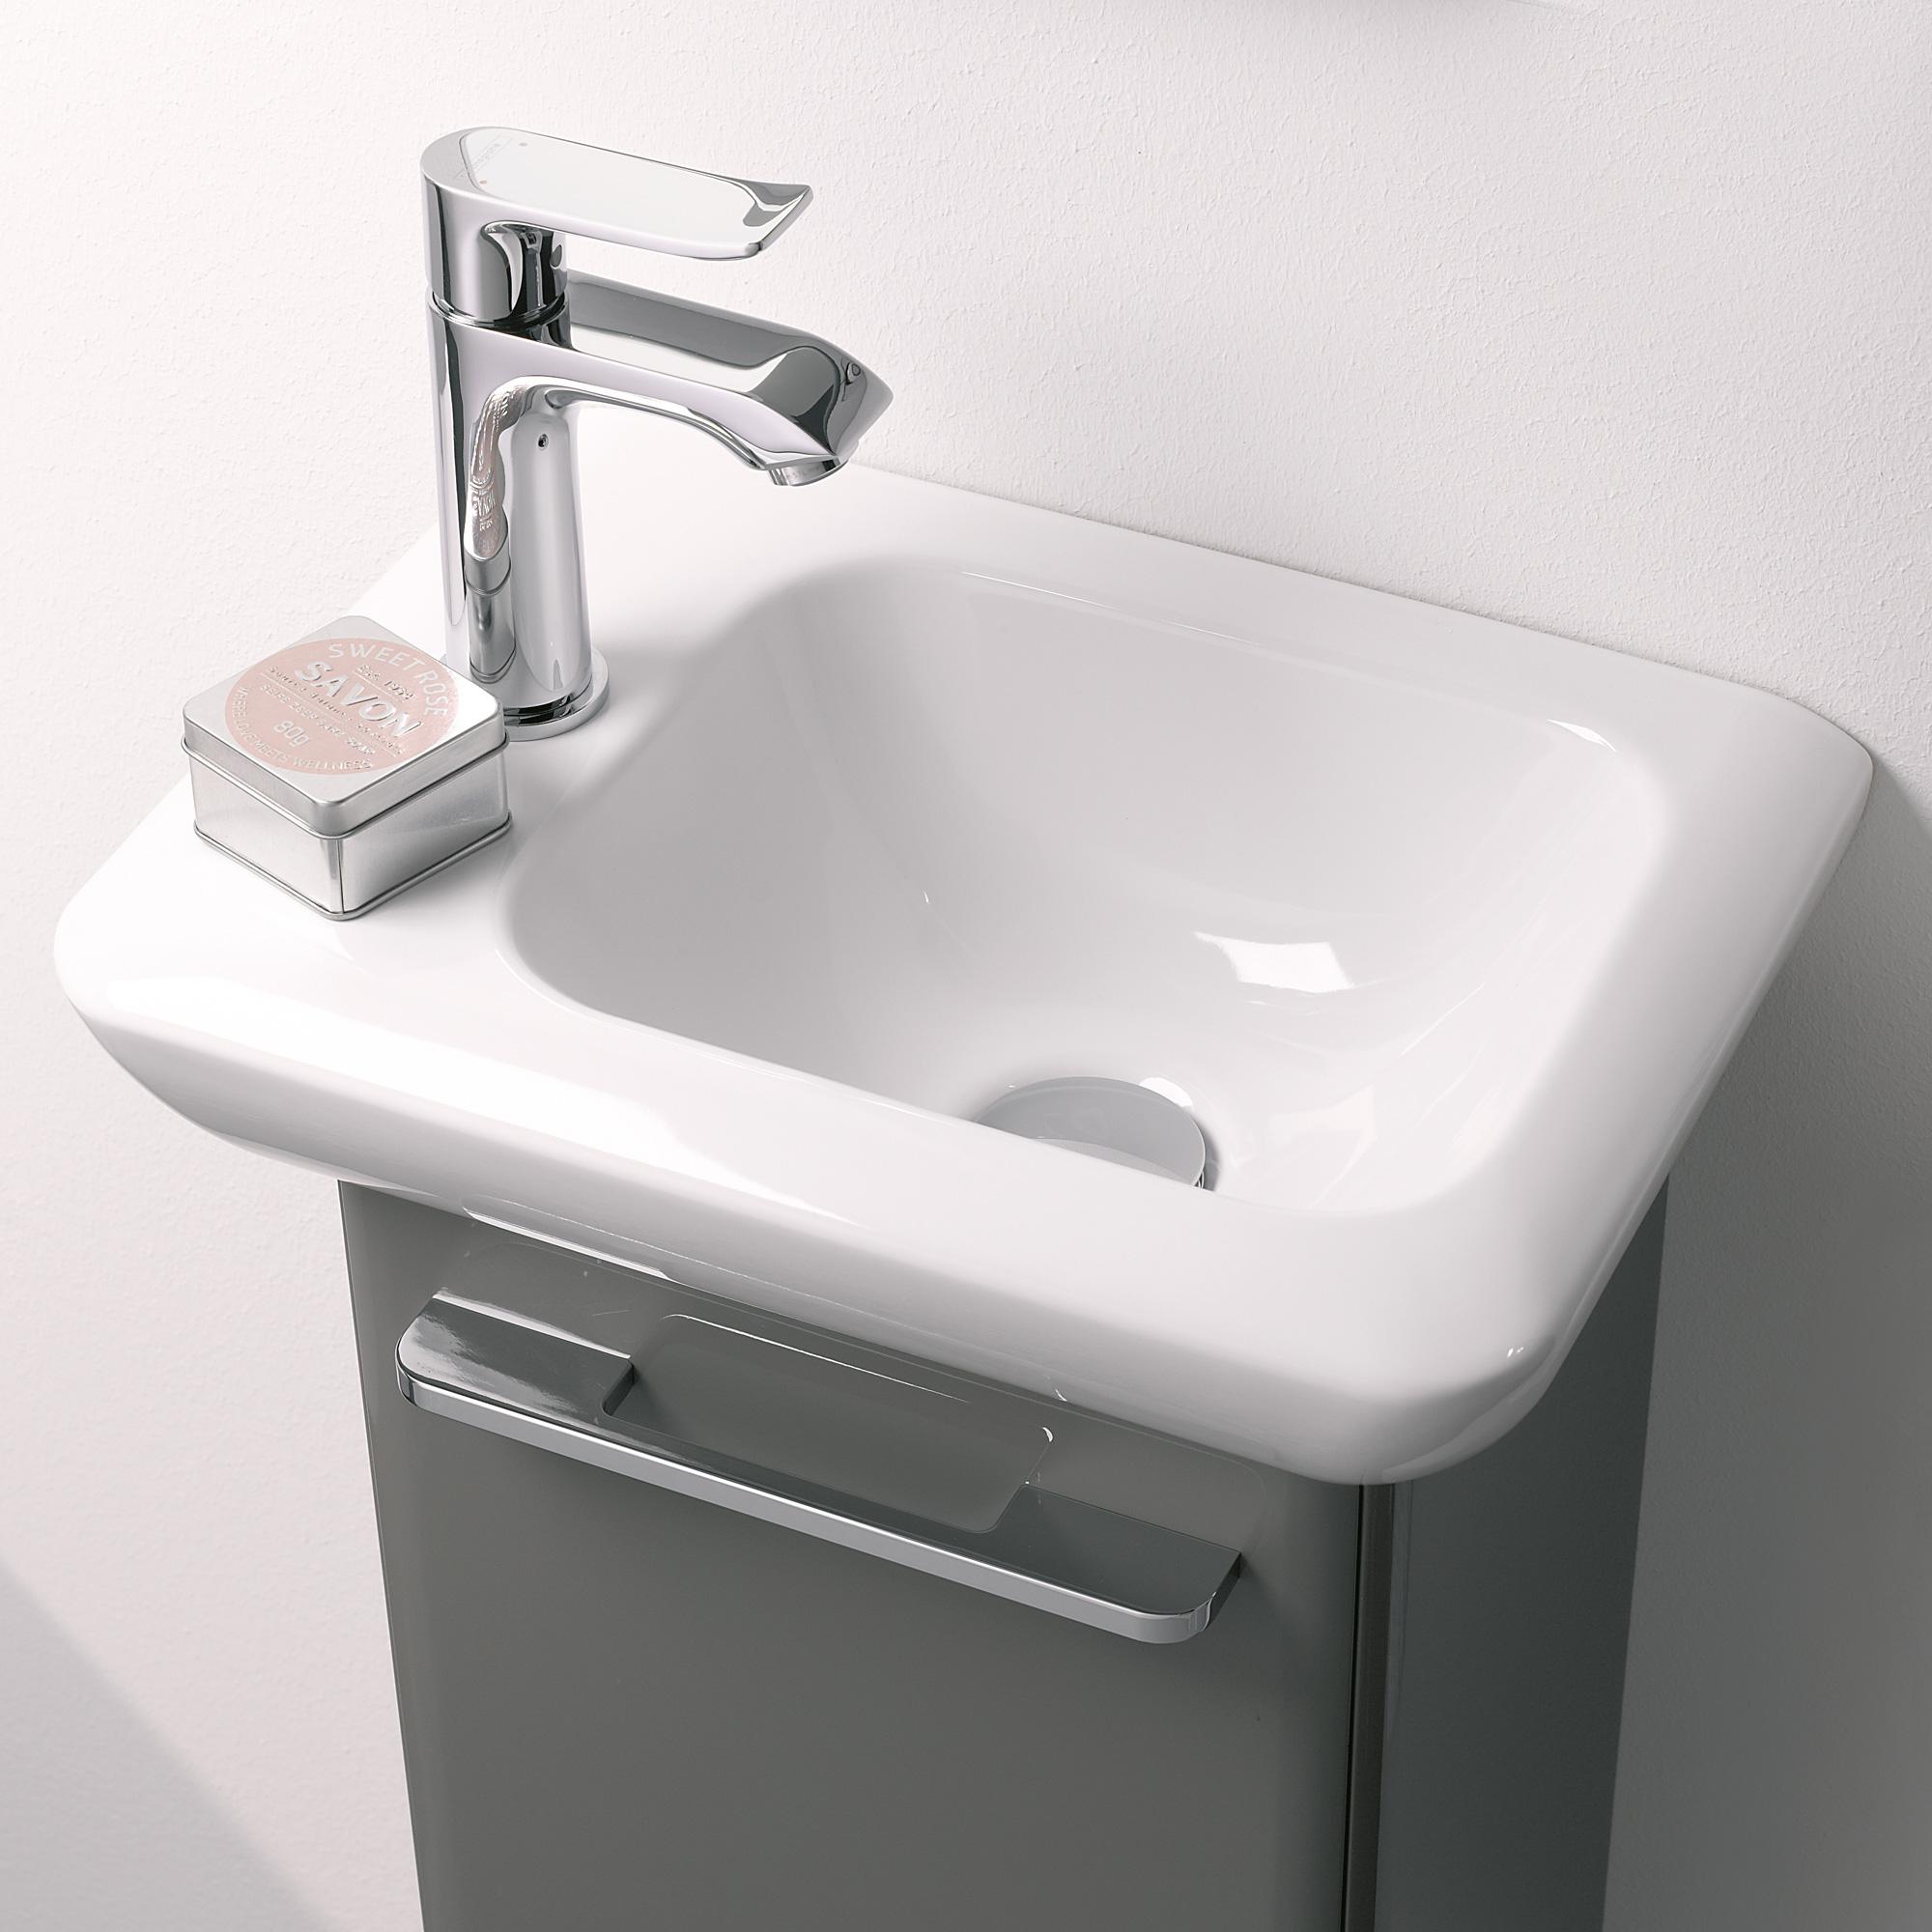 keramag it handwaschbecken wei mit 1 hahnloch links ohne berlauf 272940000 reuter onlineshop. Black Bedroom Furniture Sets. Home Design Ideas